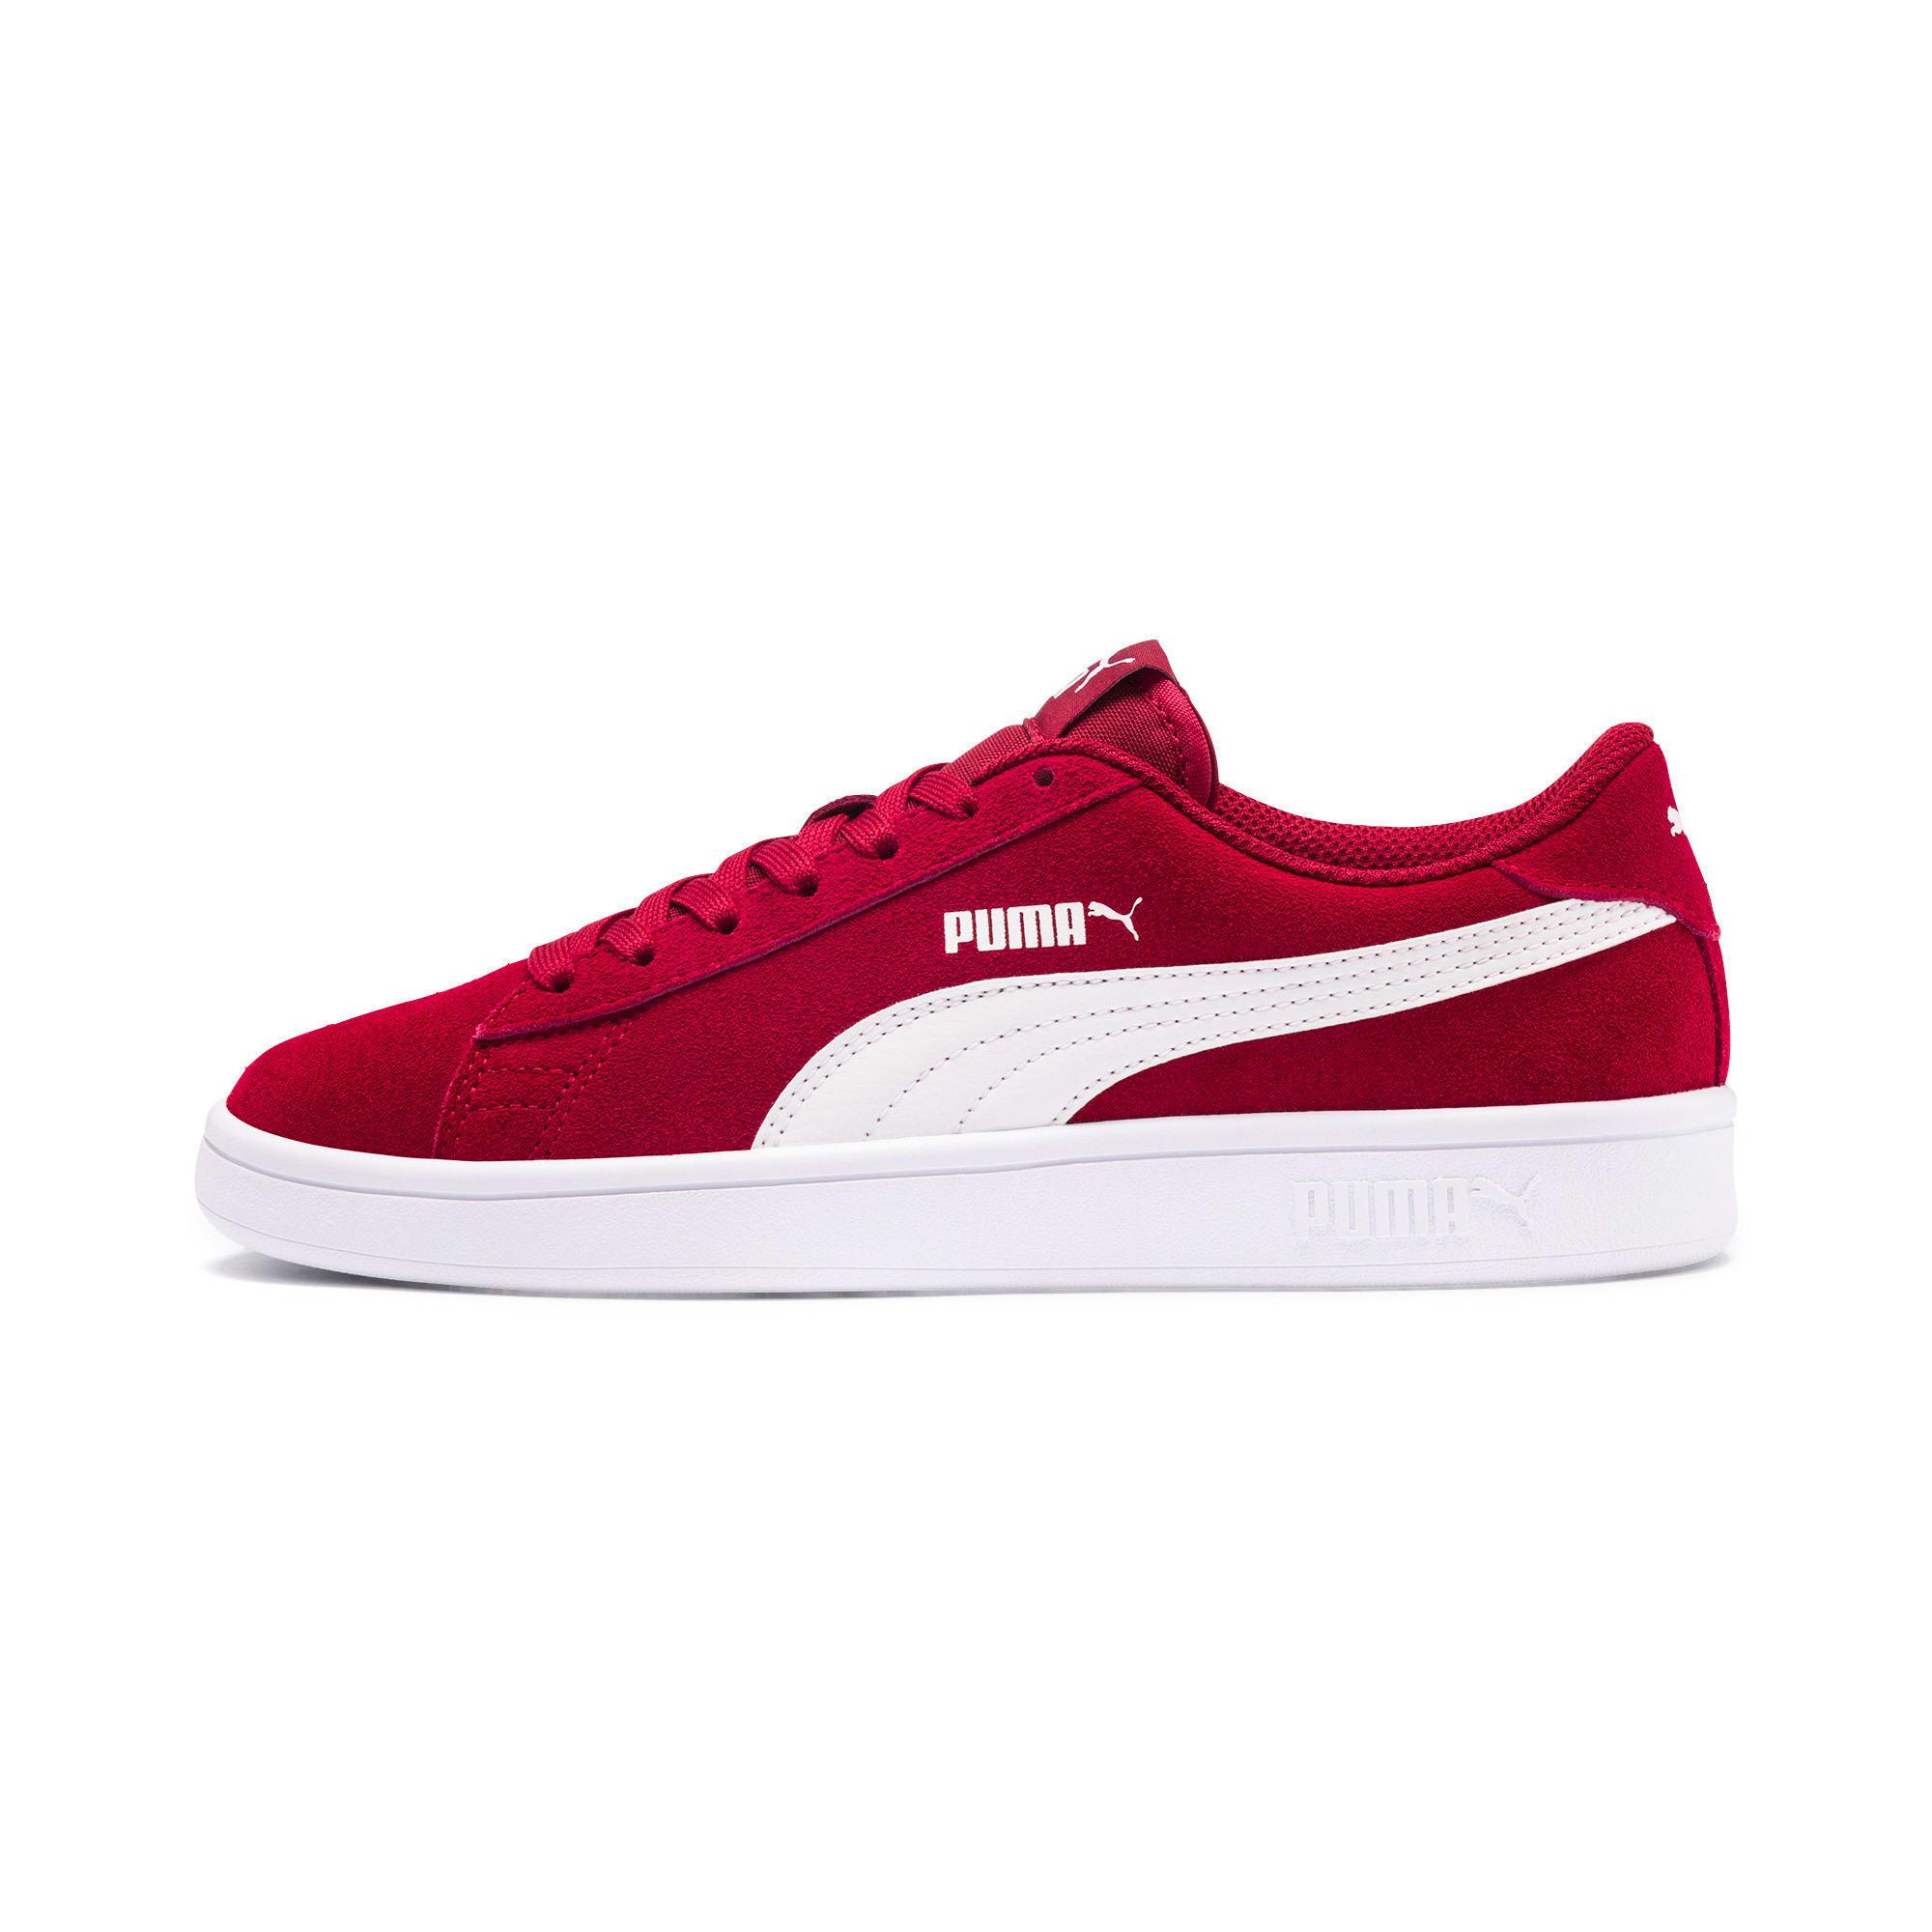 Thumbnail 1 of Smash v2 Suede Sneakers JR, Rhubarb-Puma White, medium